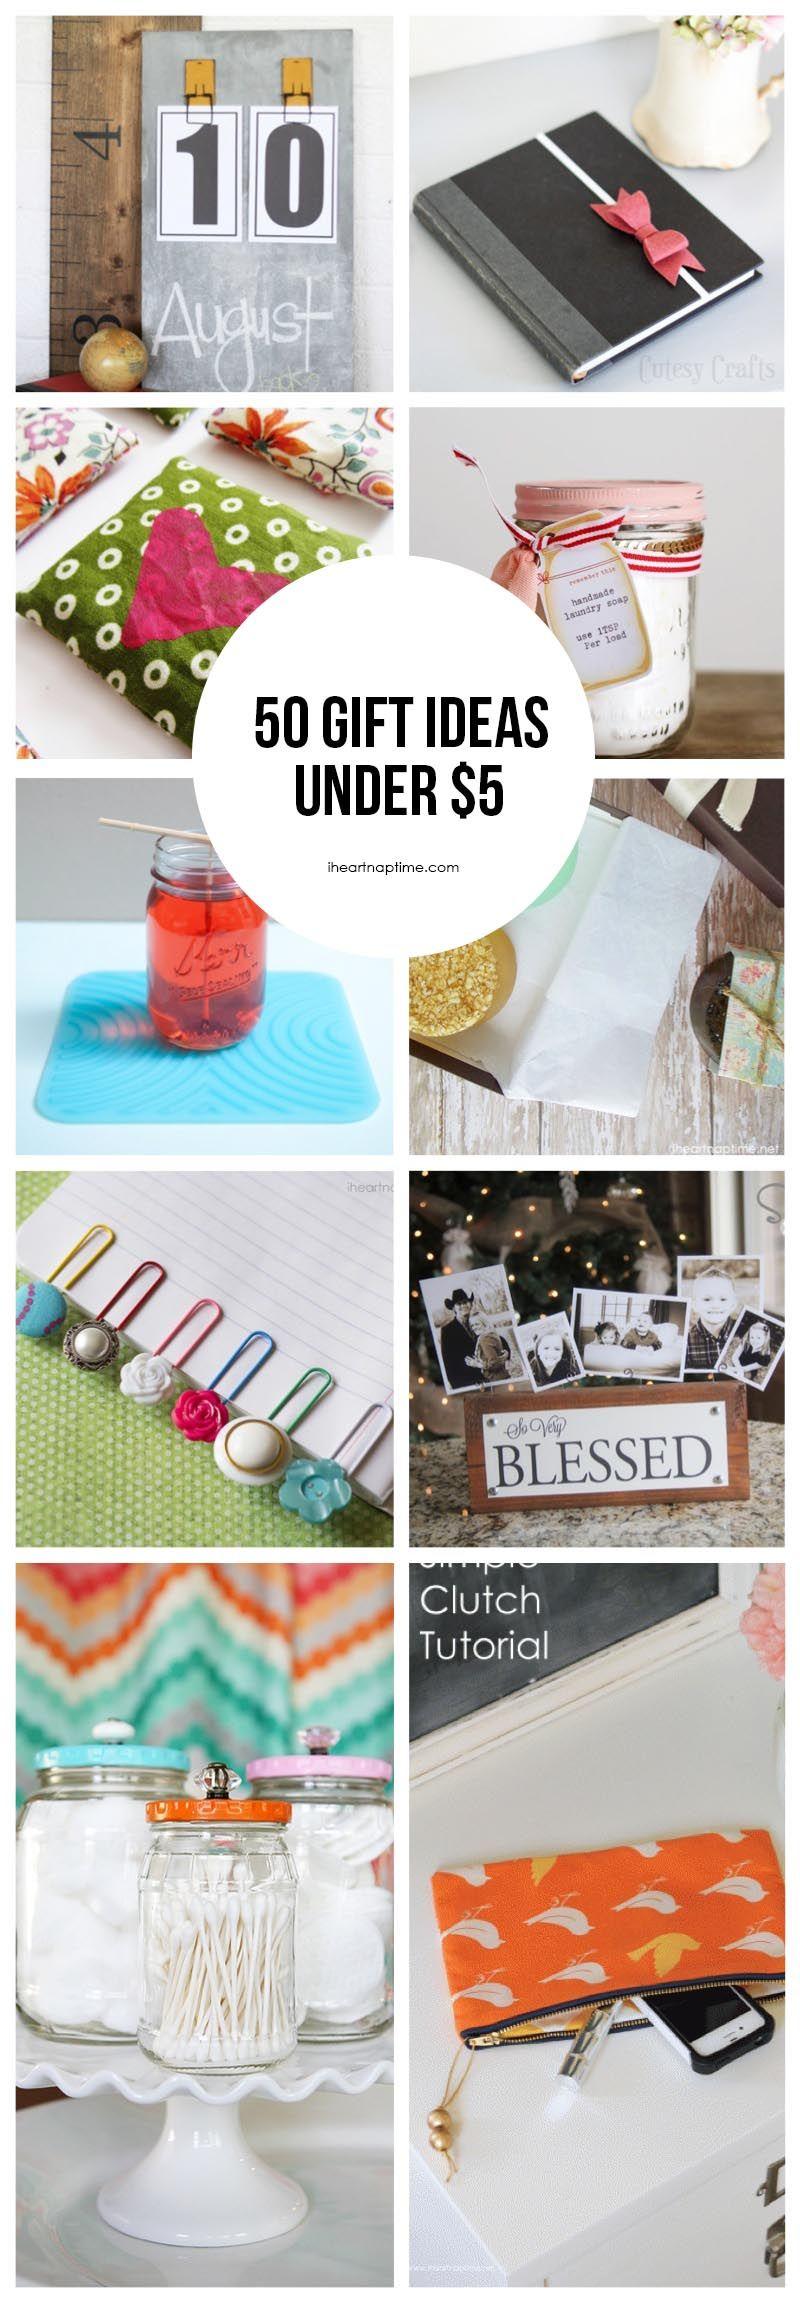 50 homemade gift ideas to make for under 5 homemade